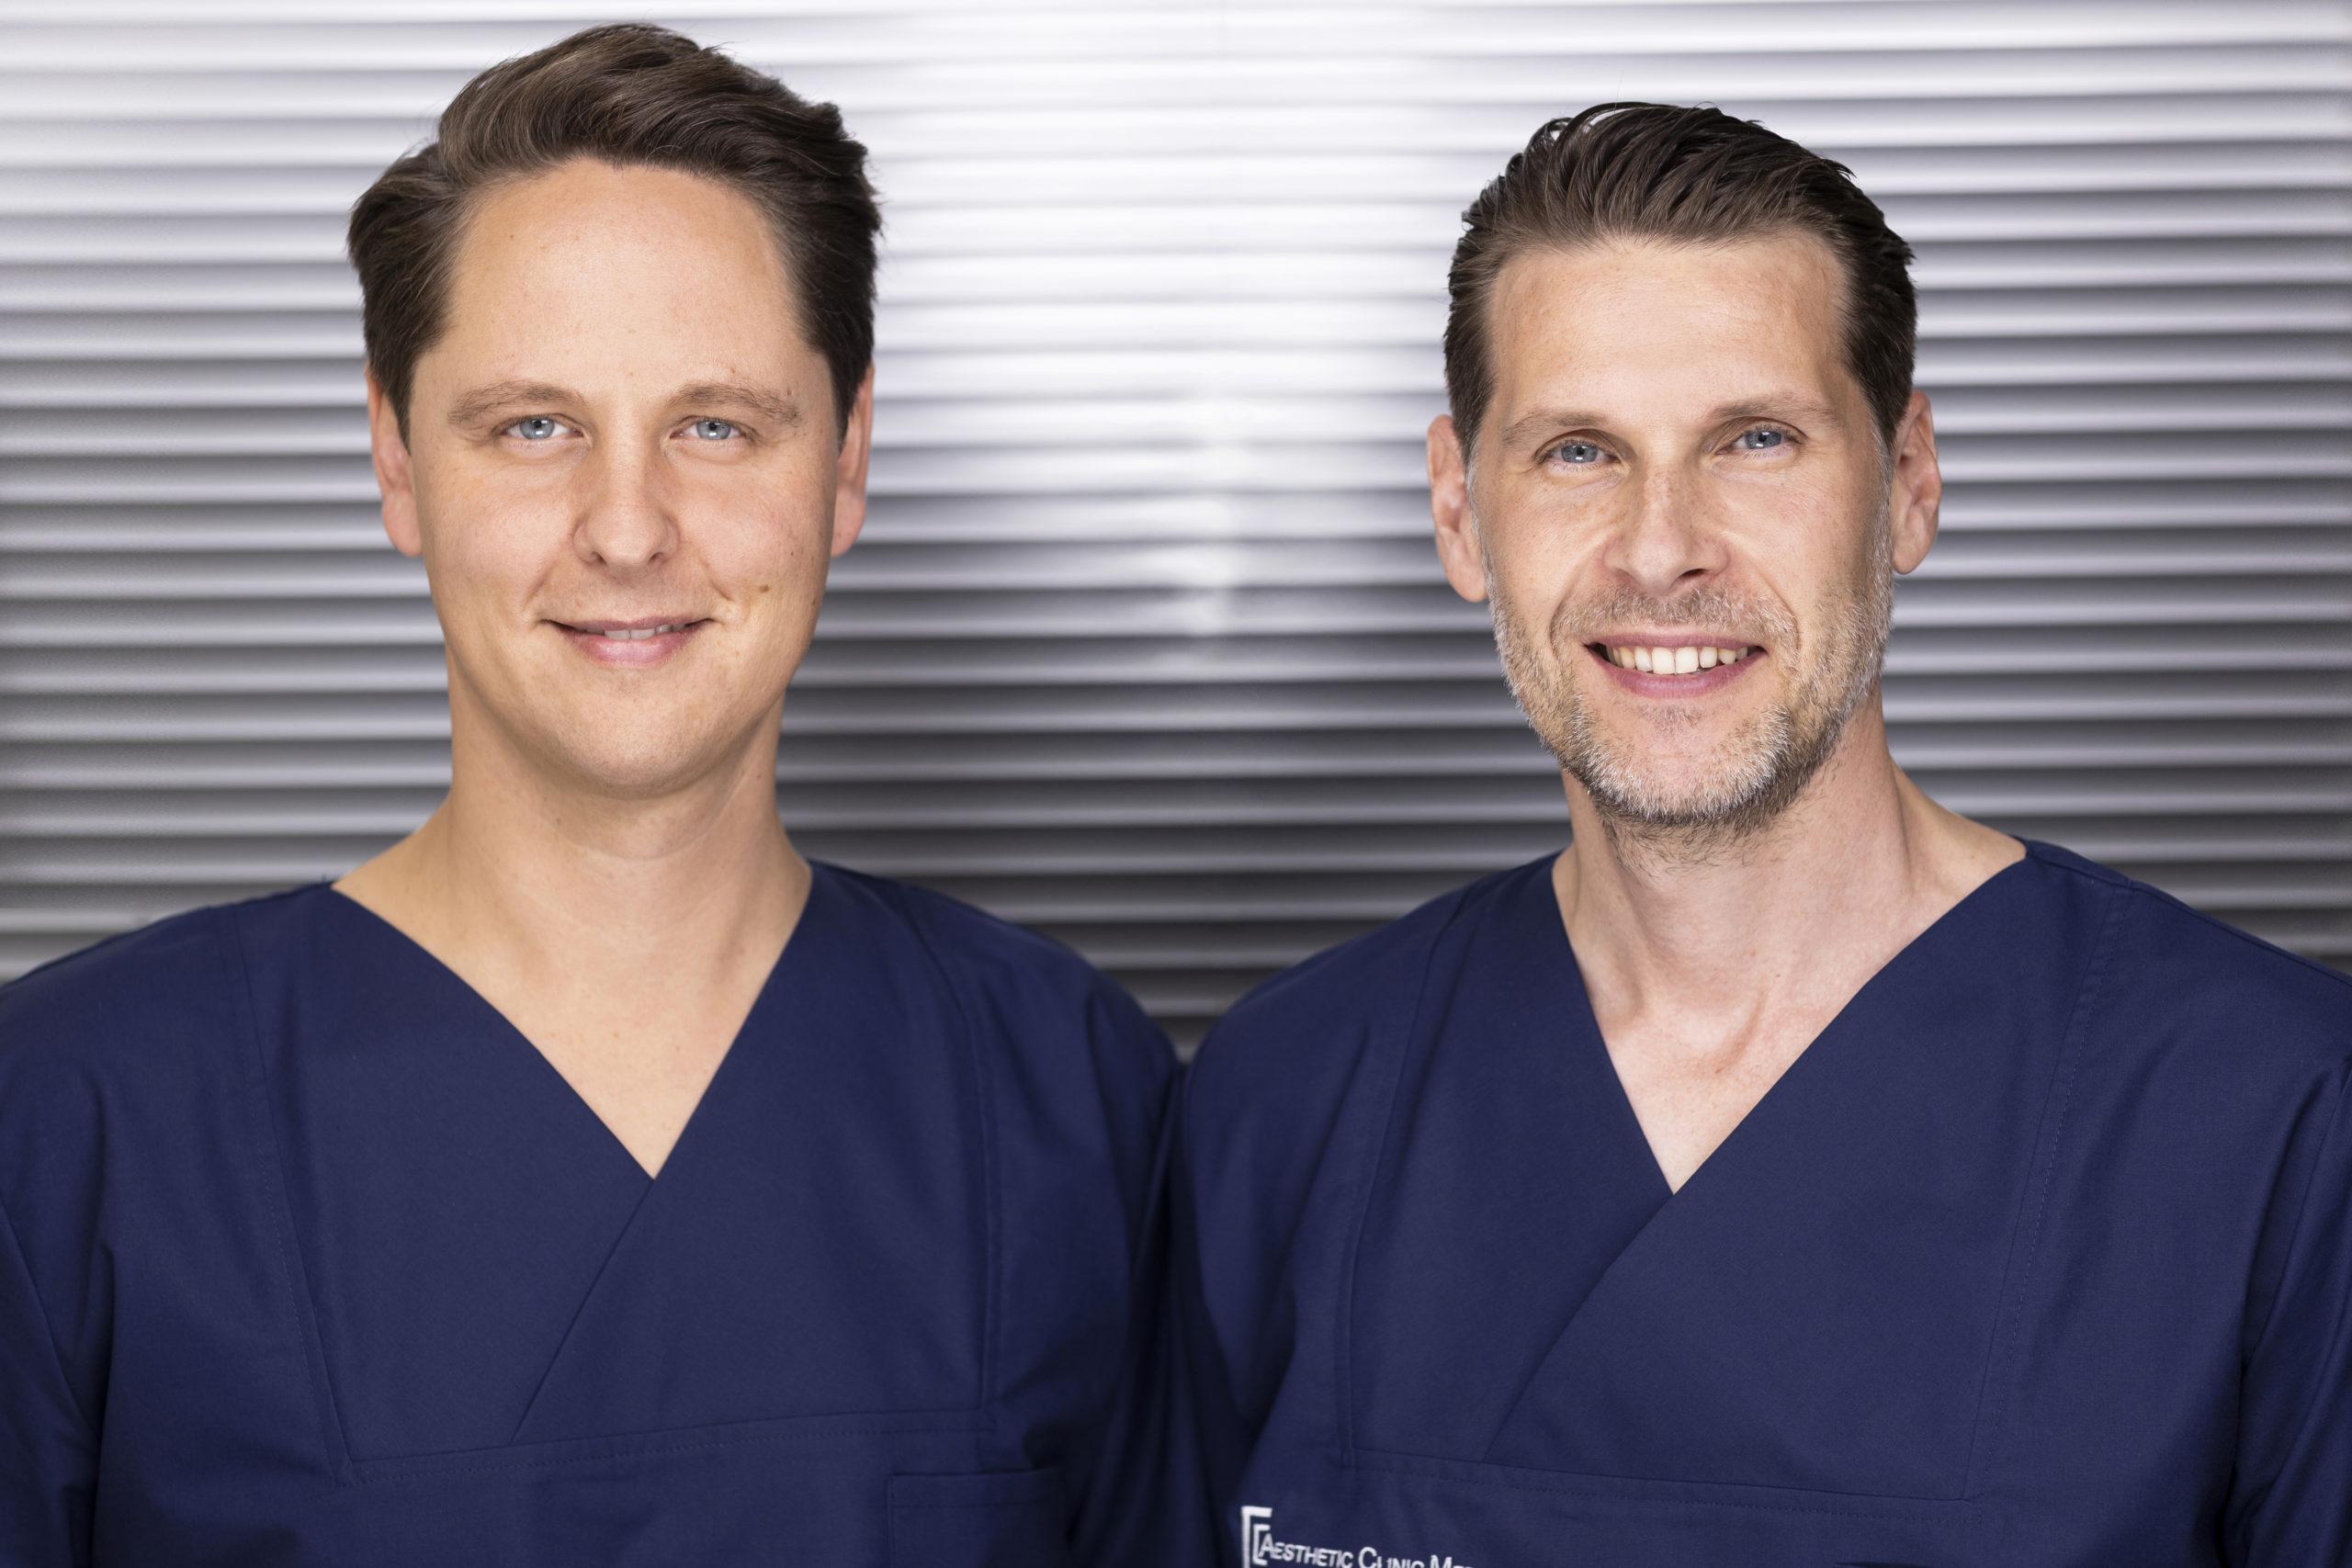 Die Experten Dr. med. Stefan Rösler und Dr. med. Frederic Hecker sorgen gemeinsam dafür, dass Sie ein sehr gutes Ergebnis und eine einfühlsame Beratung erhalten.